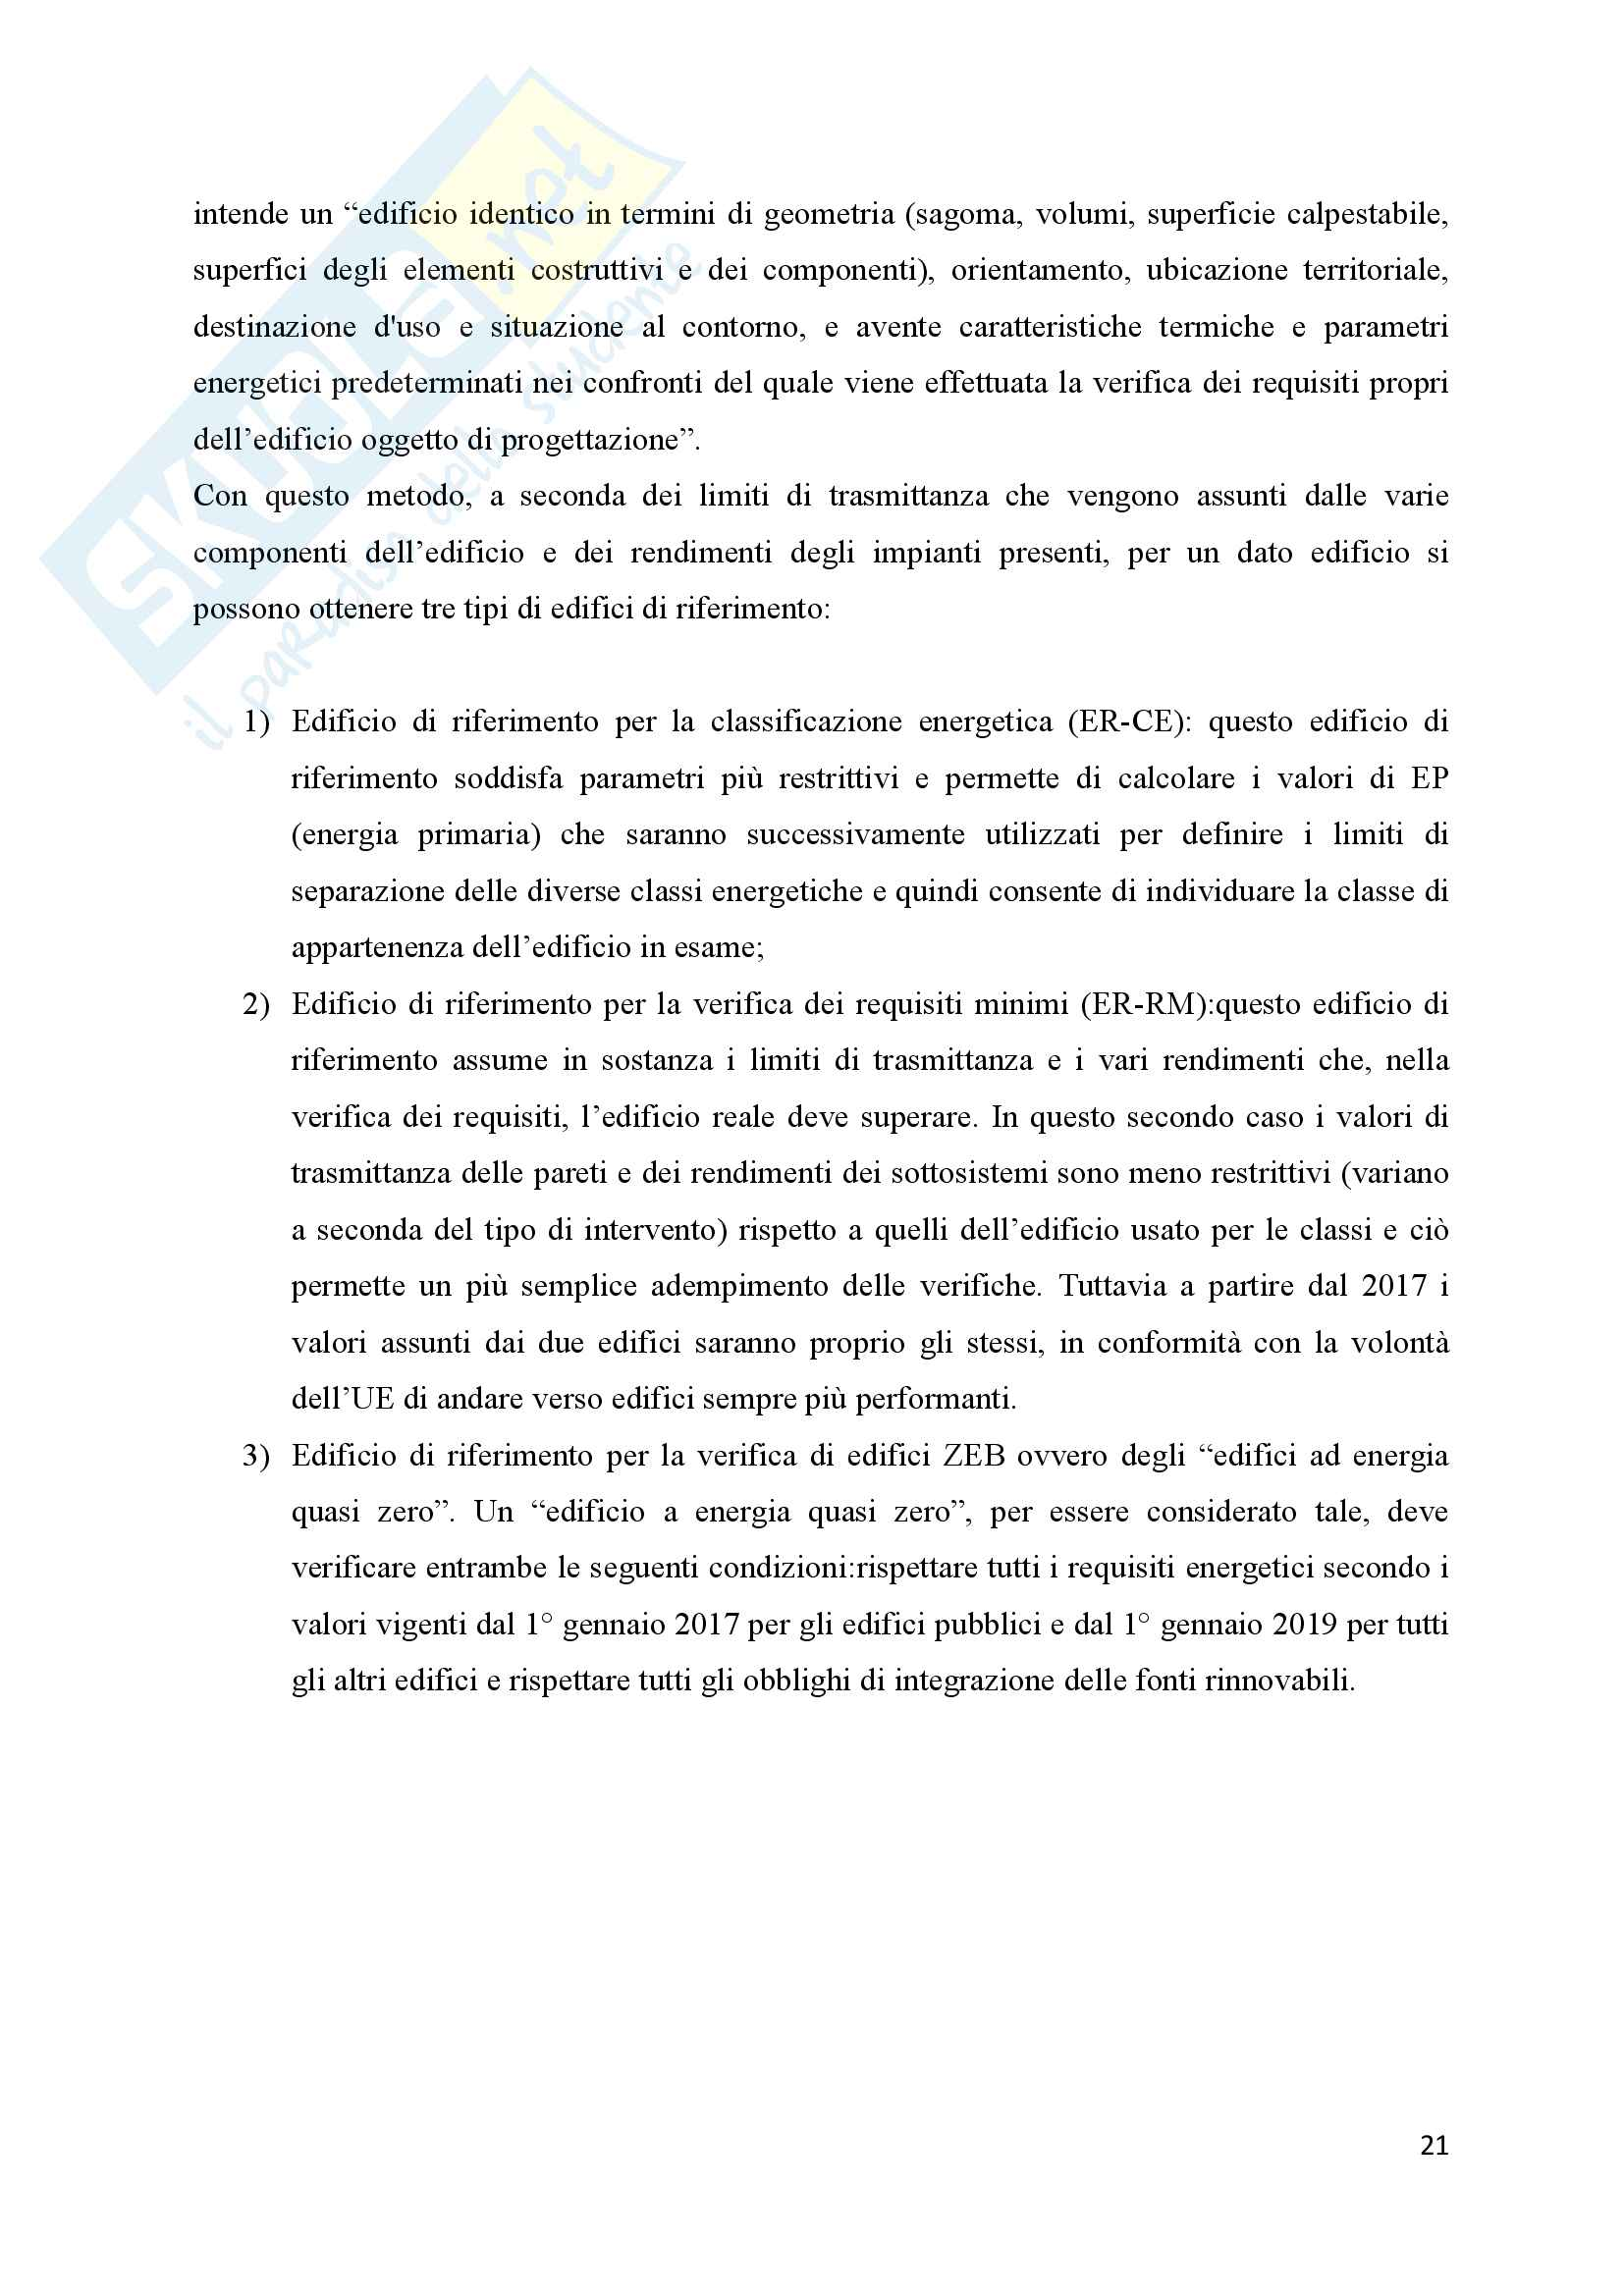 Scenari di riqualificazione energetica di un appartamento, Tesi Pag. 21